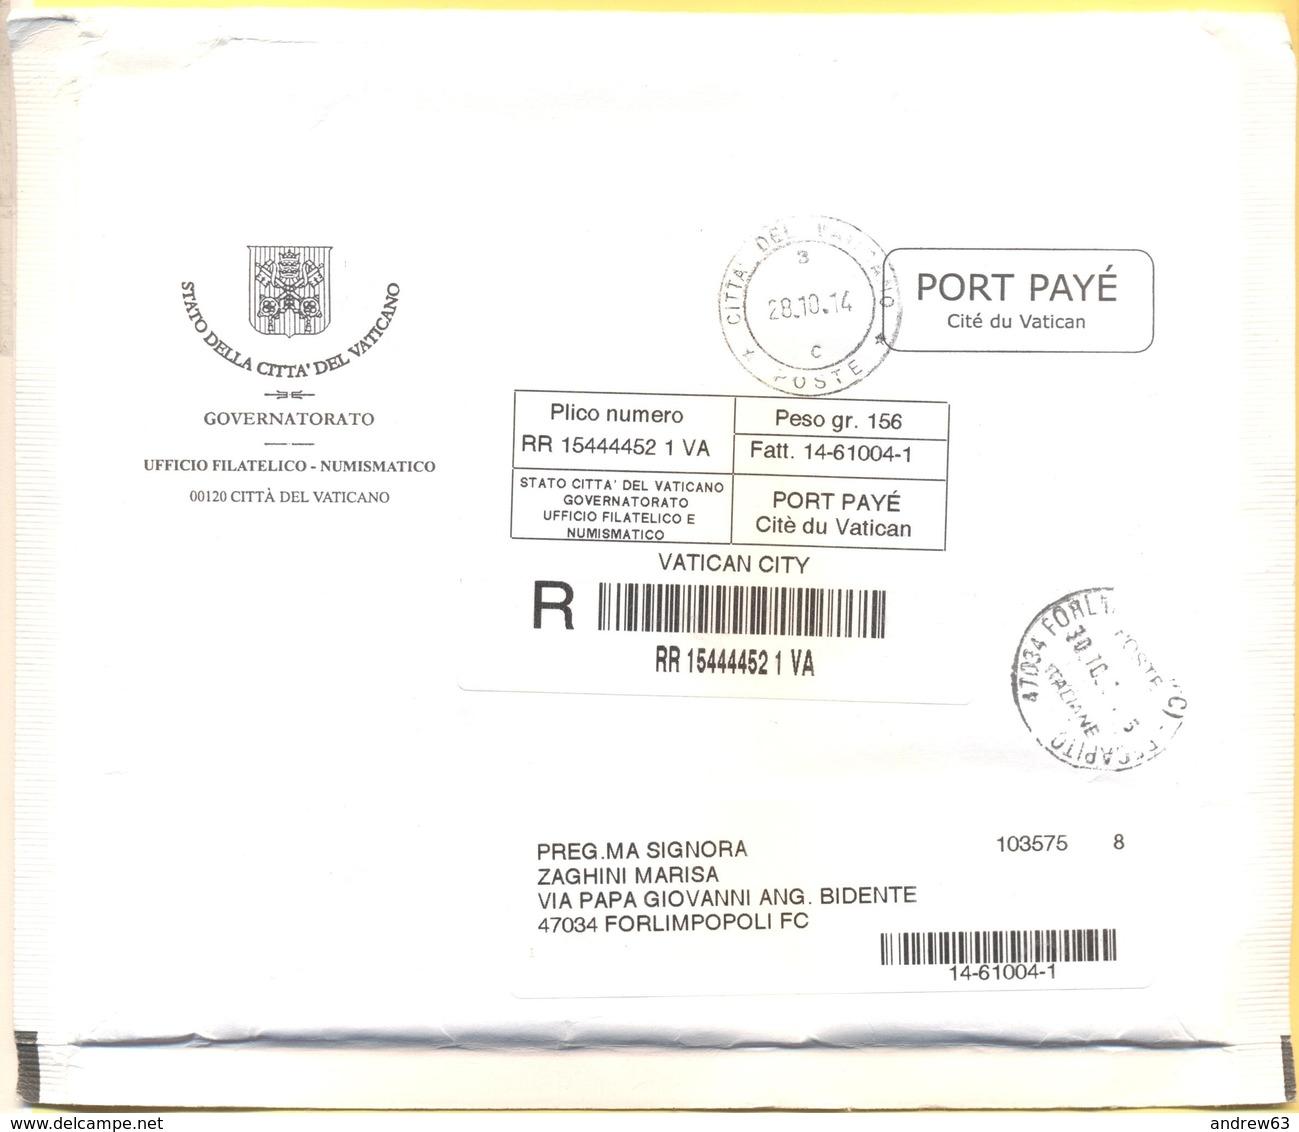 CITTA' DEL VATICANO - VATICAN CITY - 2014 - Busta Raccomandata Con Porto Pagato, Port Payé - Governatorato - Viaggiata P - Vaticano